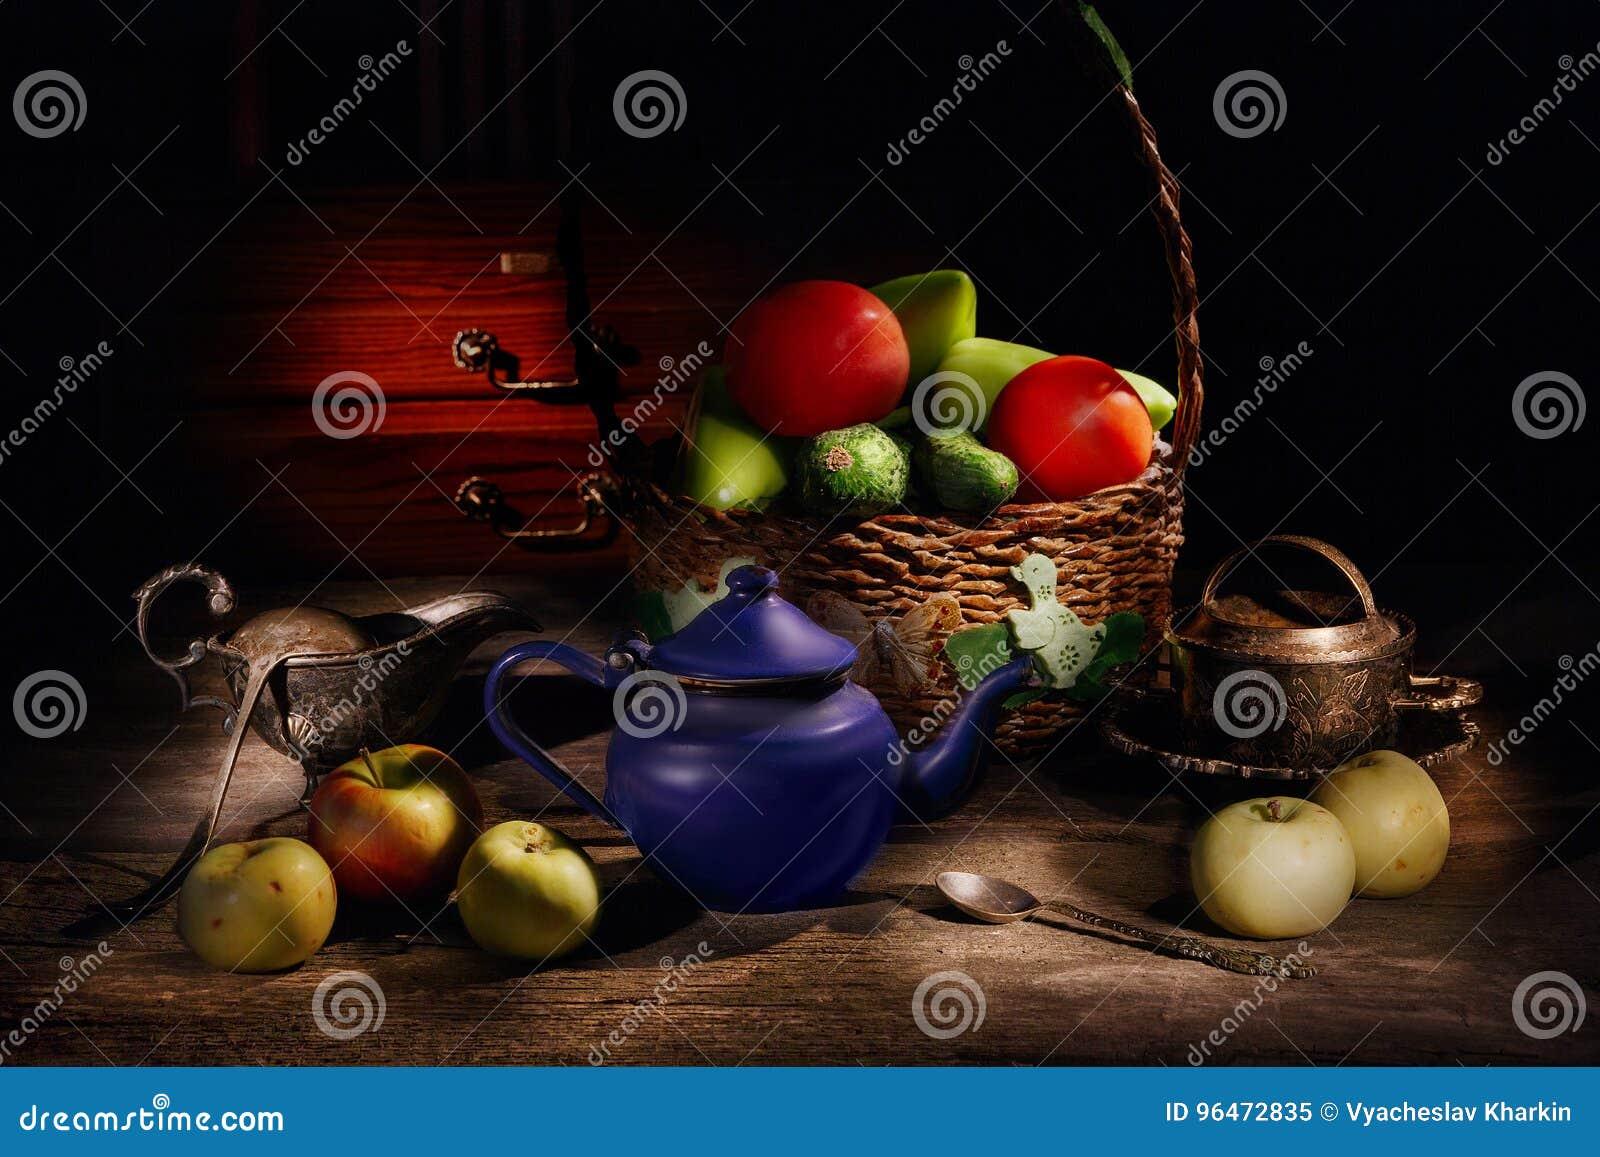 Todavía vida de frutas y verduras en una cesta